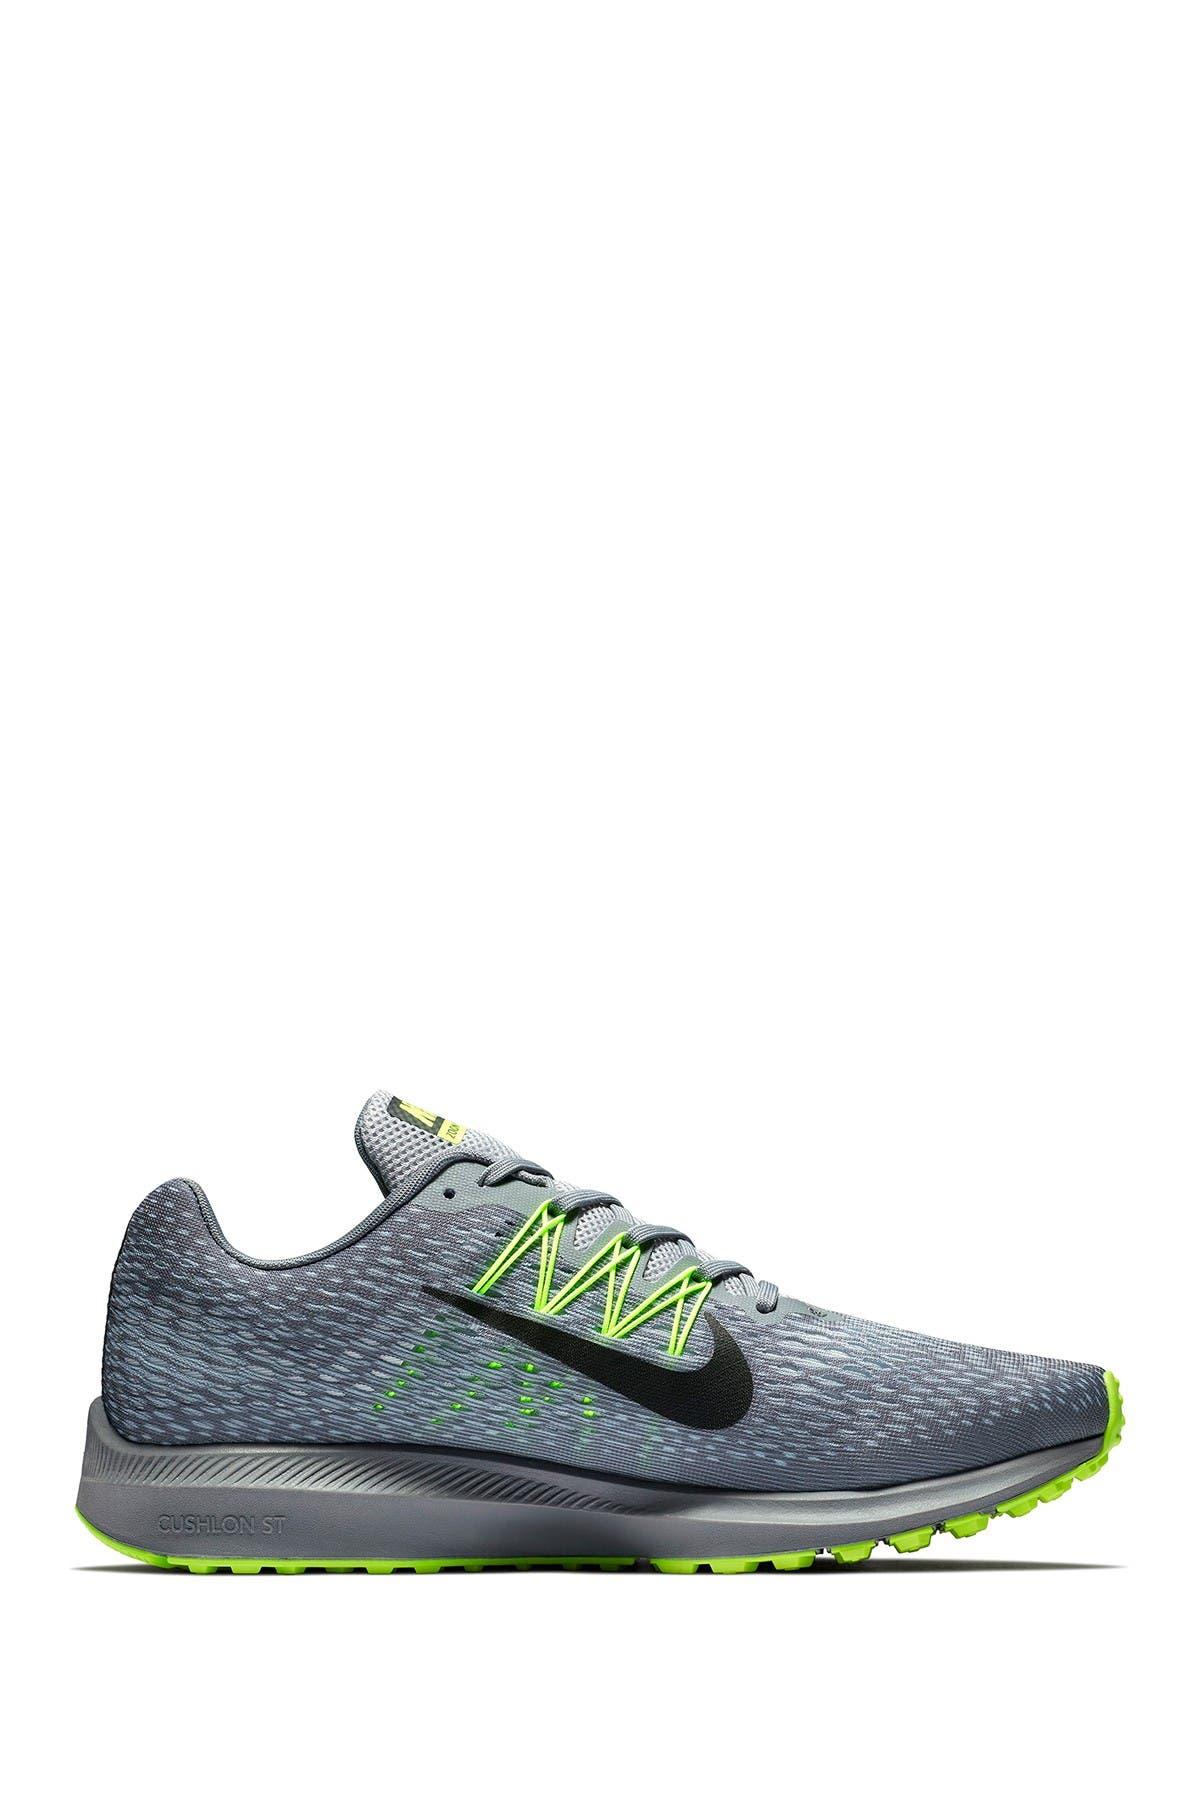 Nike   Zoom Winflo Athletic Sneaker